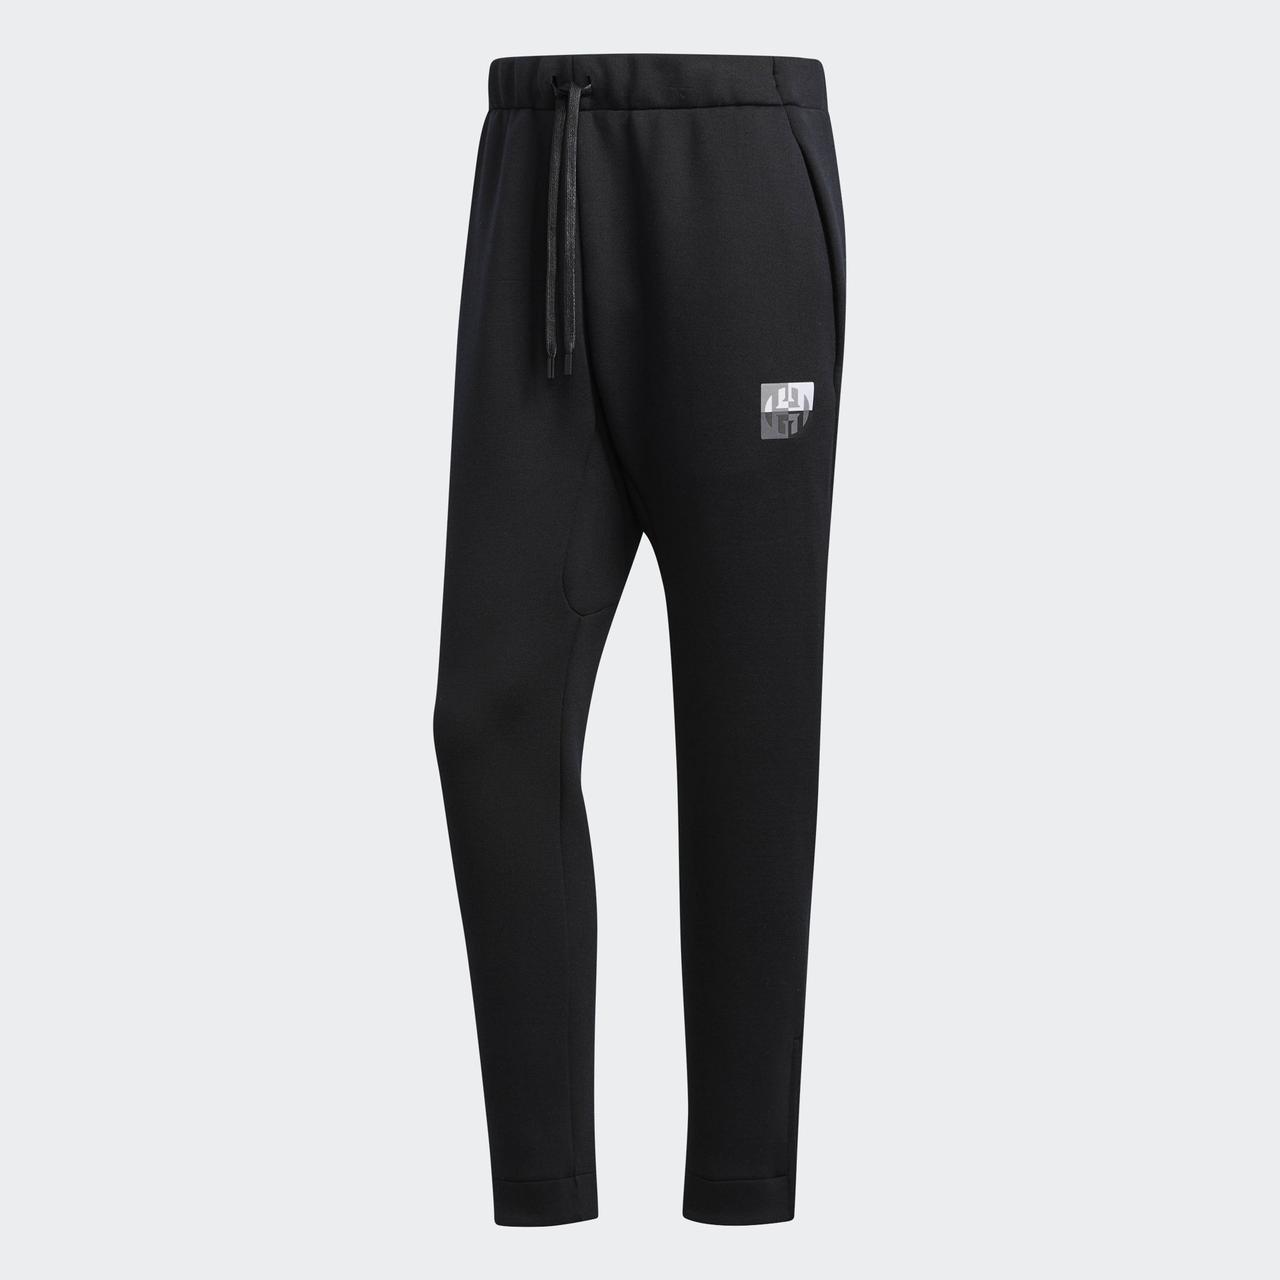 Мужские брюки Adidas Performance Harden (Артикул: DM1837)